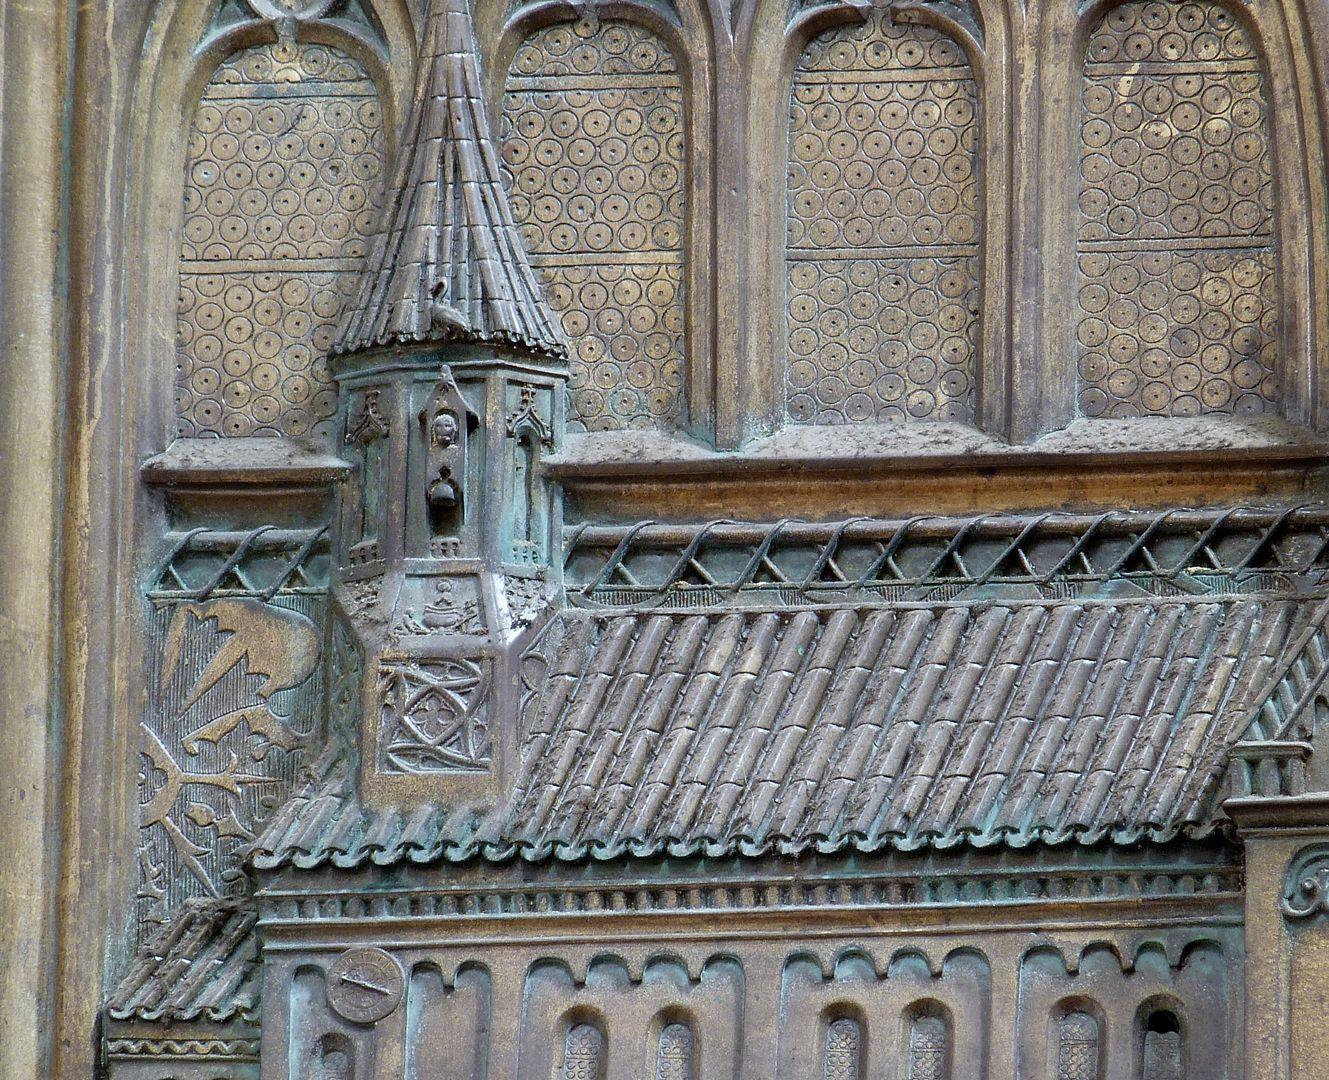 Memorienplatte für Hariolf und Erlolf Kirchenmodell, Detail mit Giebeltürmchen, darin eine Darstellung des Heiligen Vitus im Ölkessel